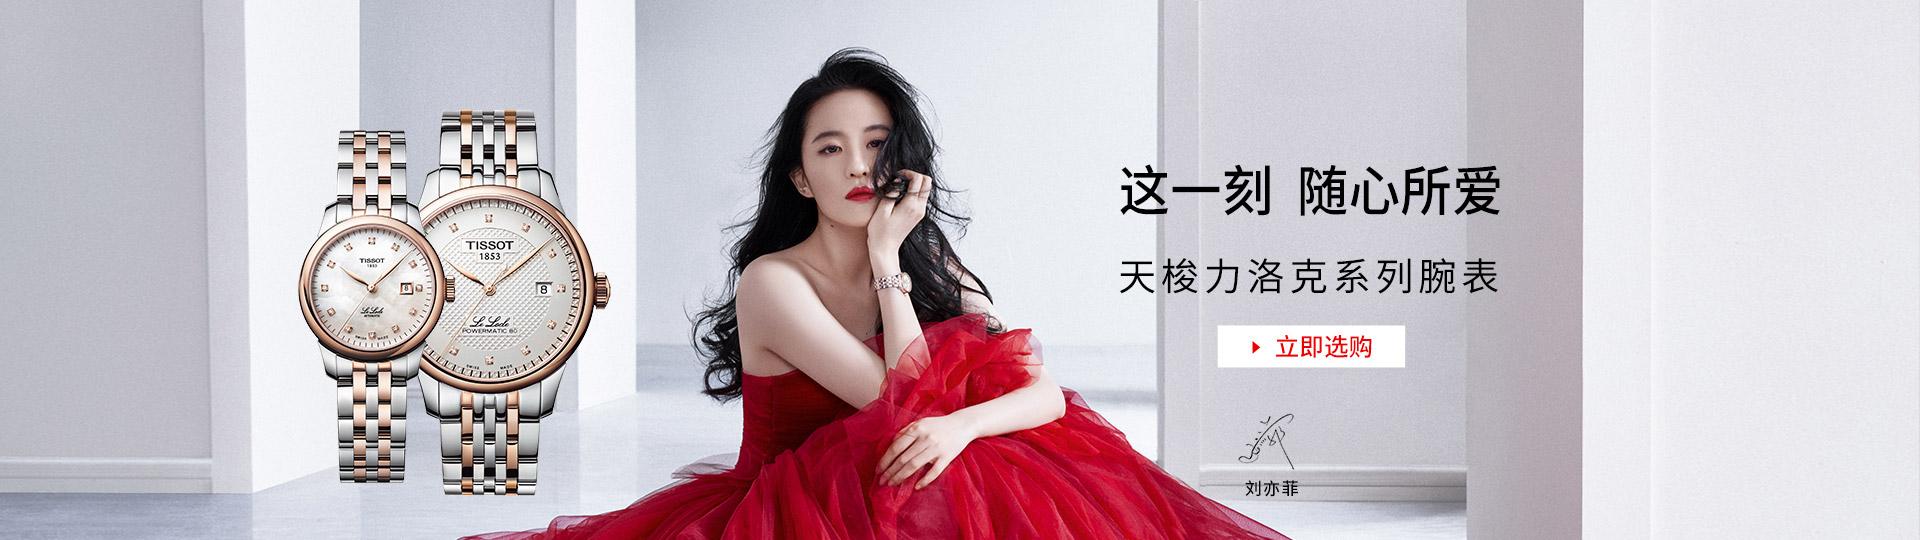 刘亦菲2021情人节广告大片pc